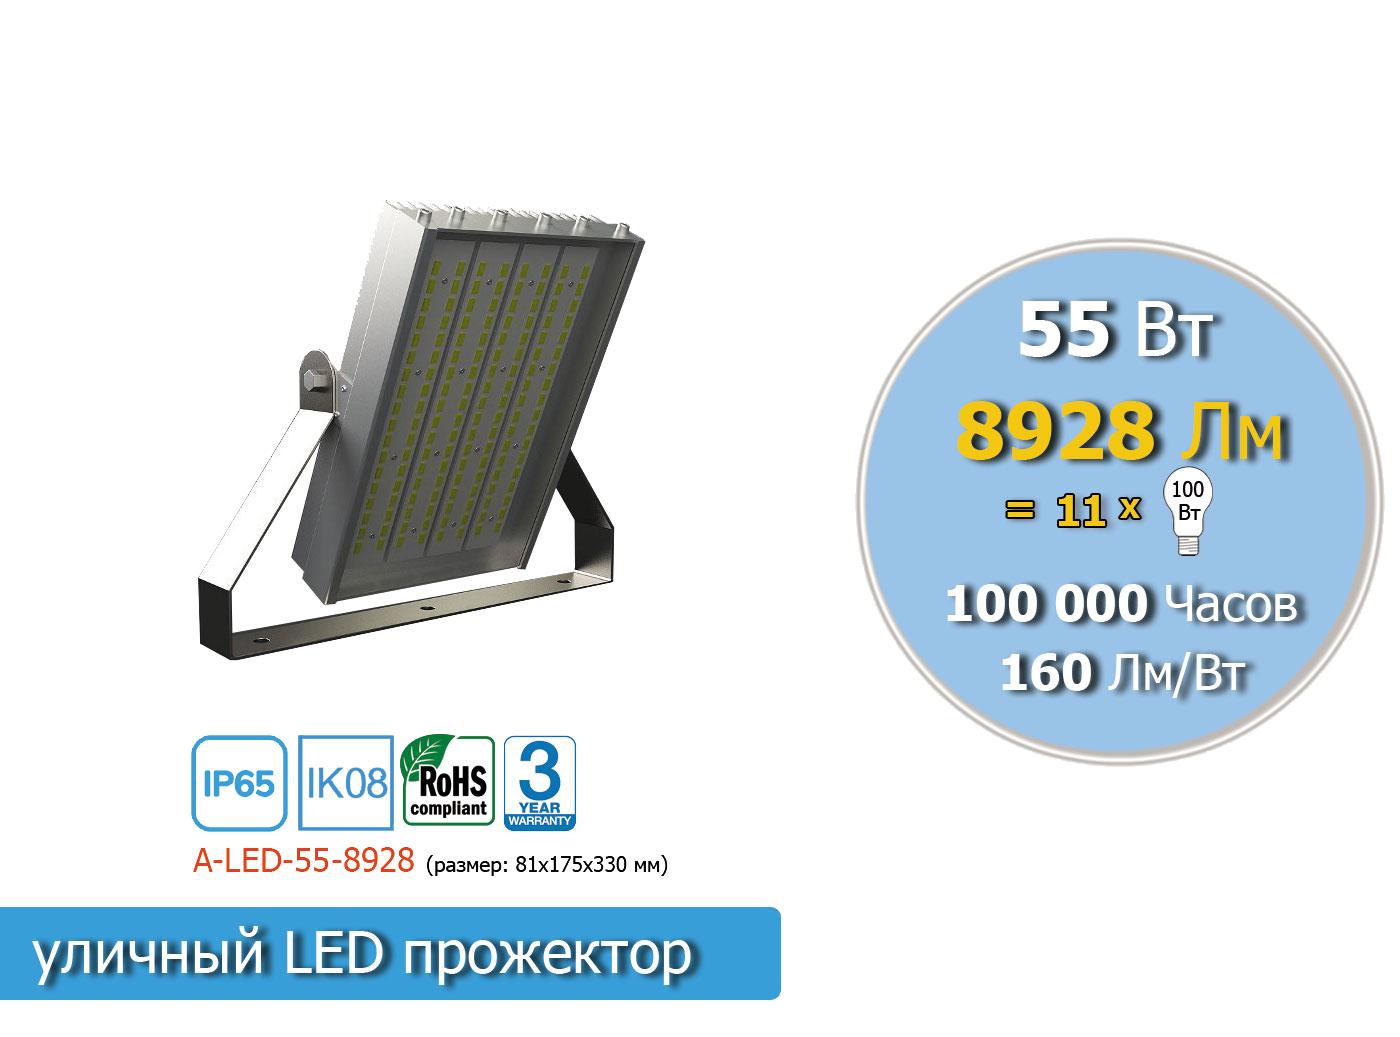 A-LED-55-8928-P